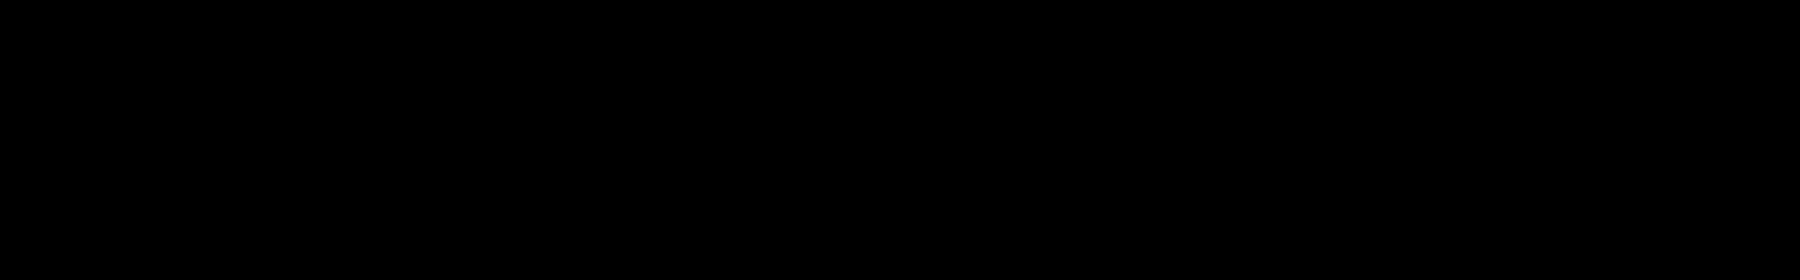 African Juice audio waveform